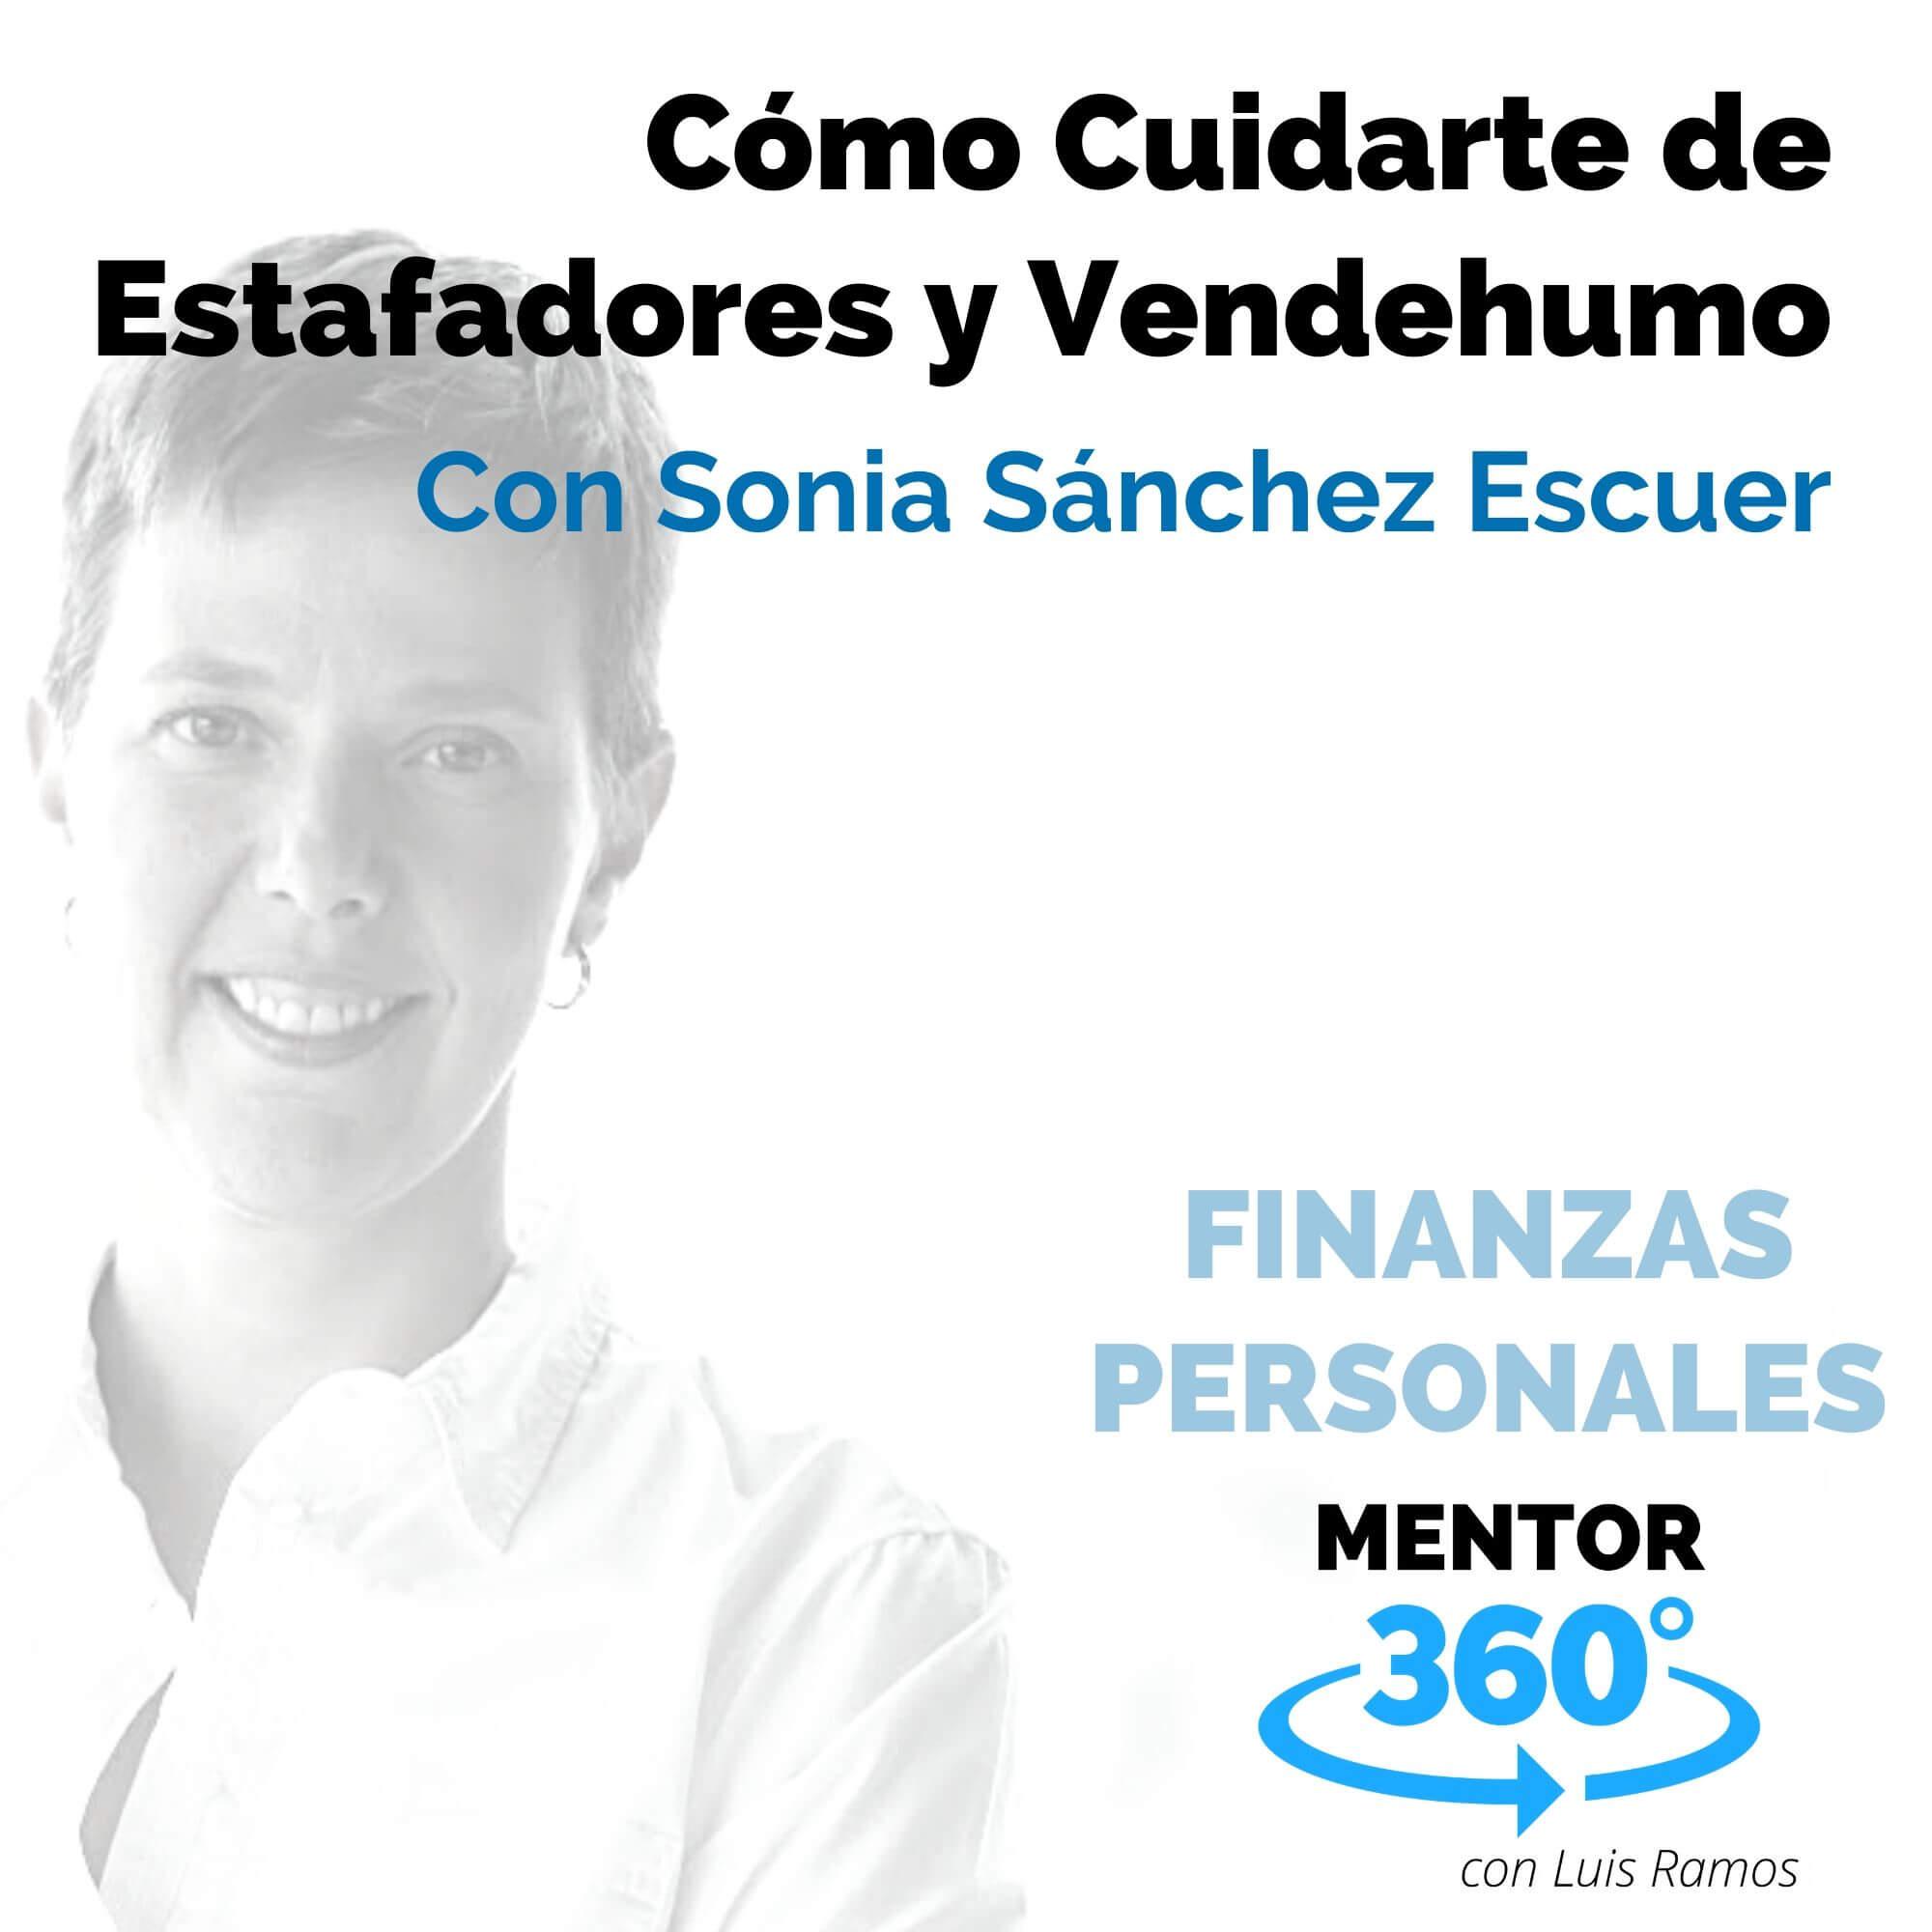 Cómo Cuidarte de Estafadores y Vendehumo, con Sónia Sánchez Escuer - MENTOR360